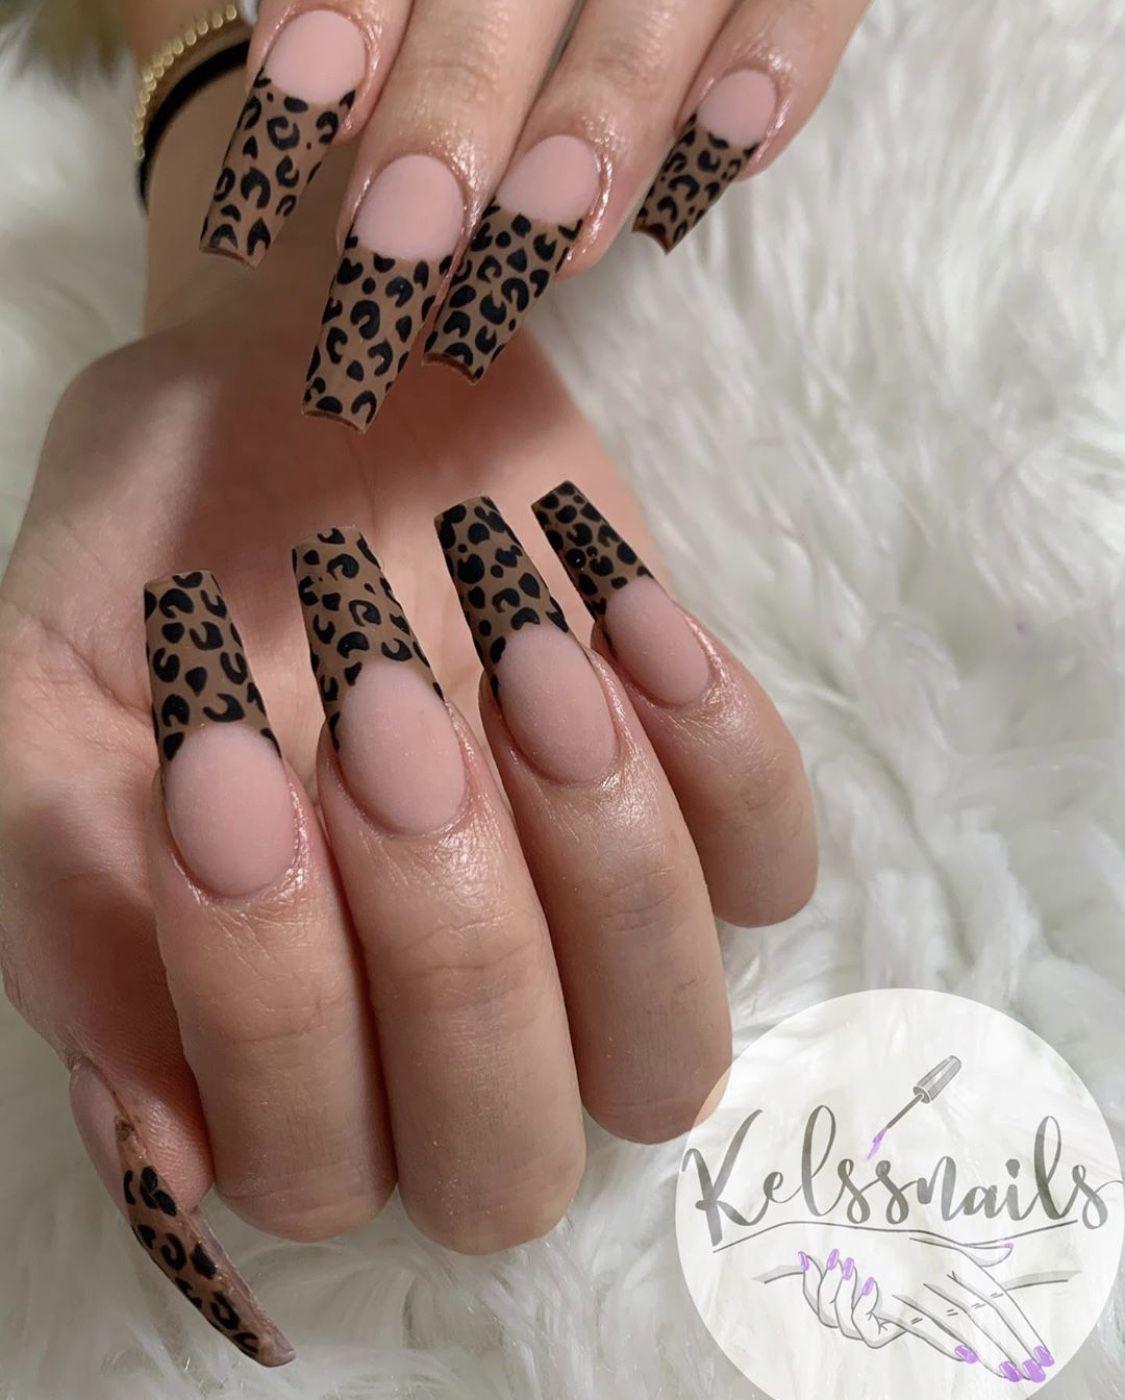 #nails #nailart #cheetah #nailtech #love